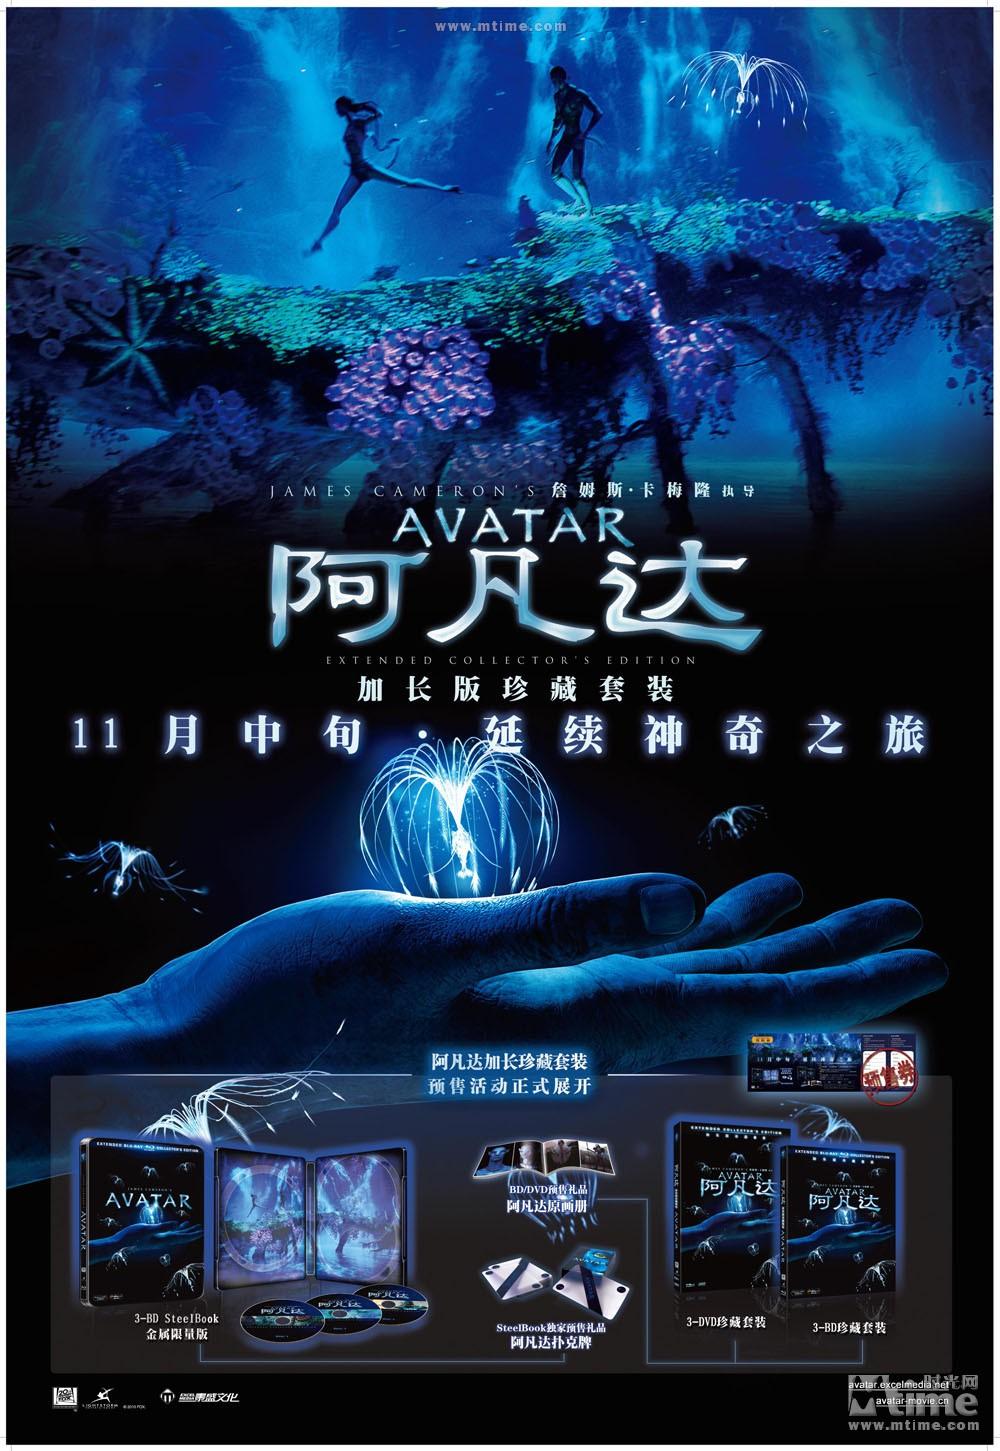 [4K电影]阿凡达 (2009) Avatar